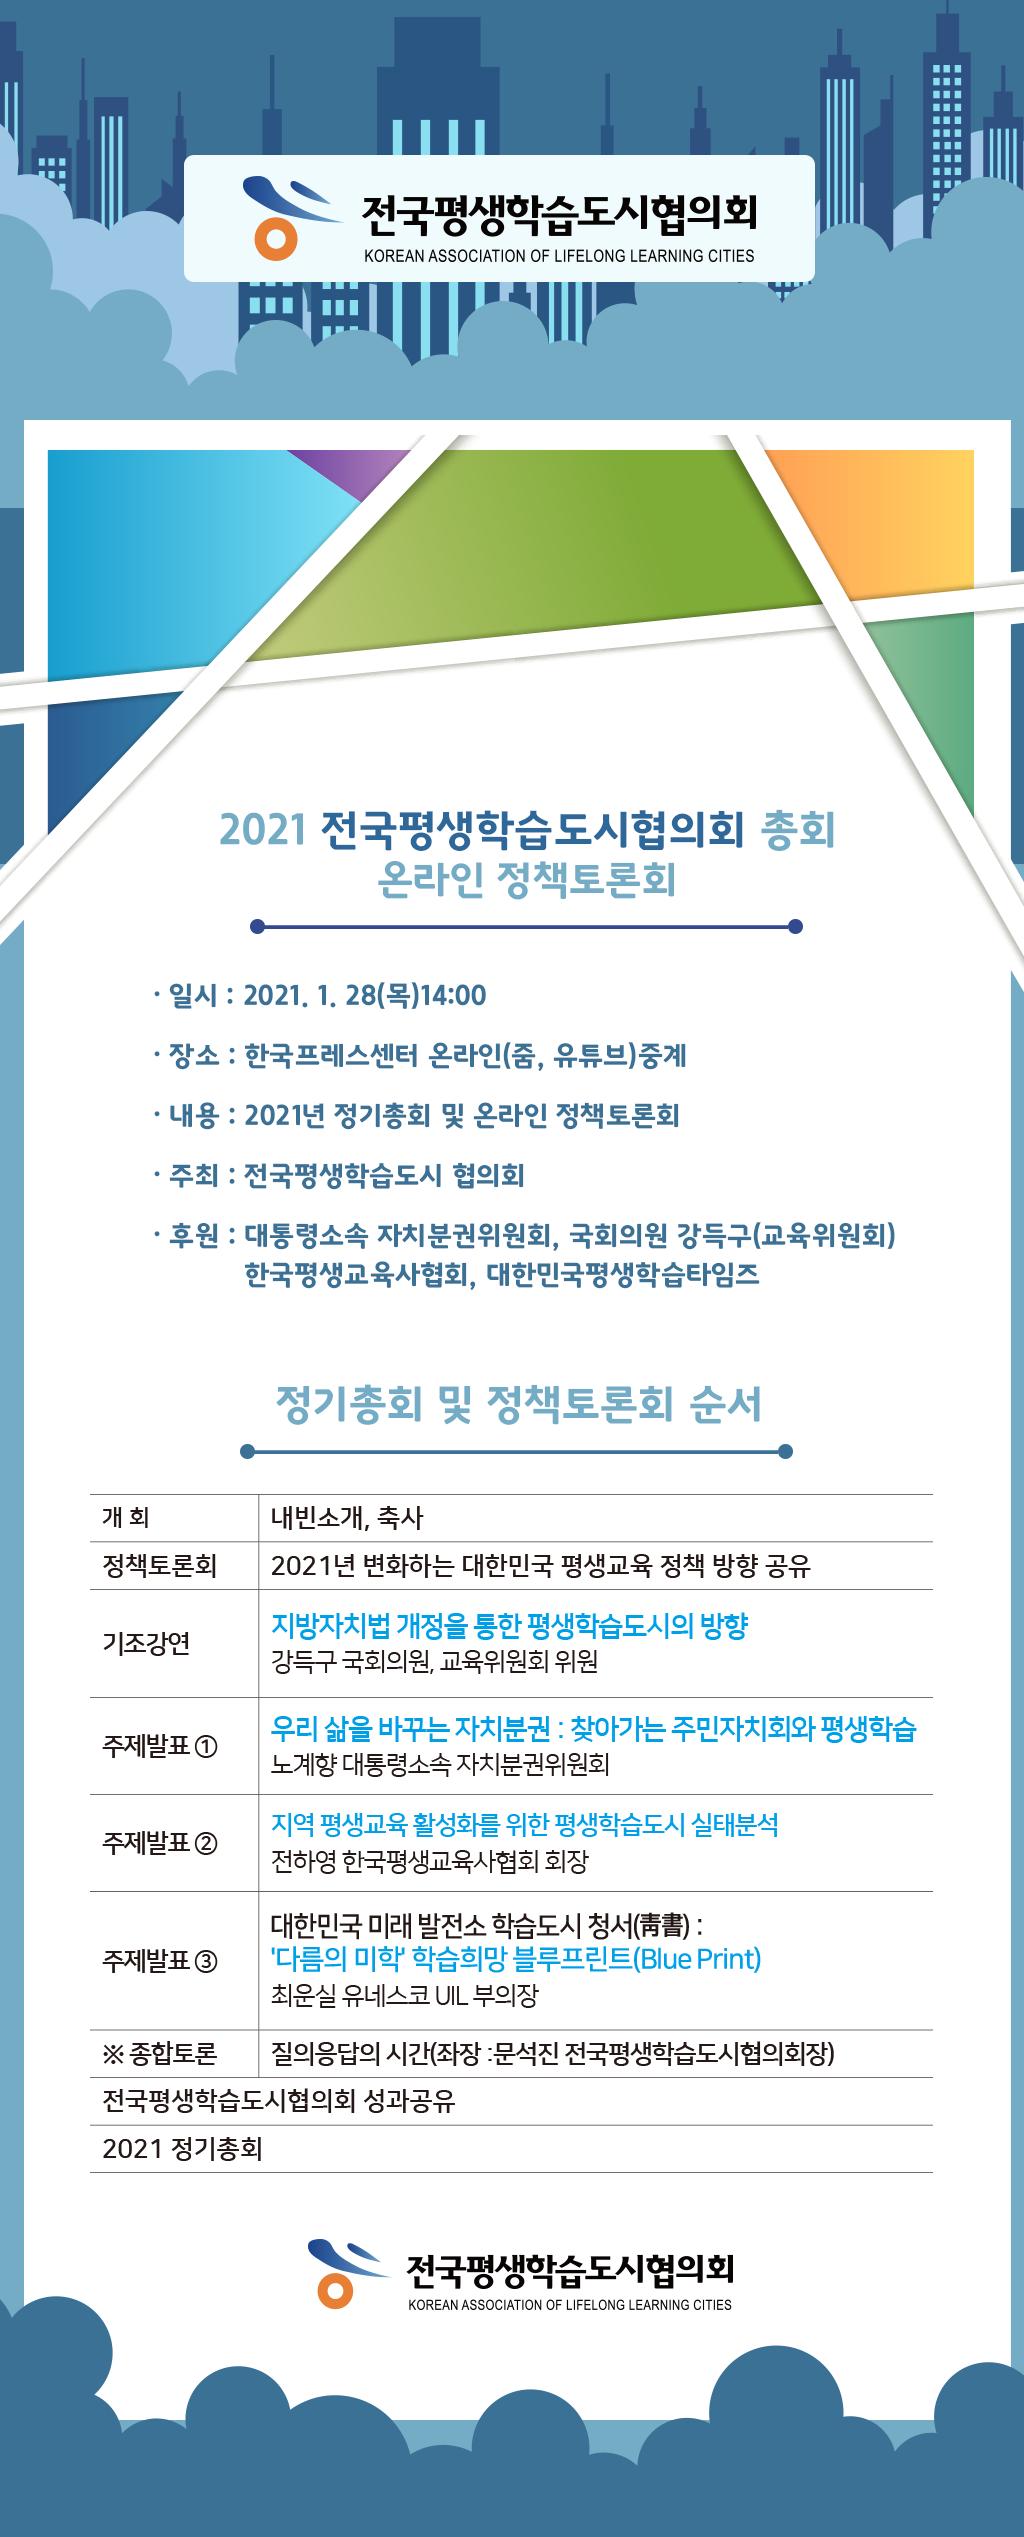 2021 전국평생학습도시협의회 총회 및 정책토론회 개최